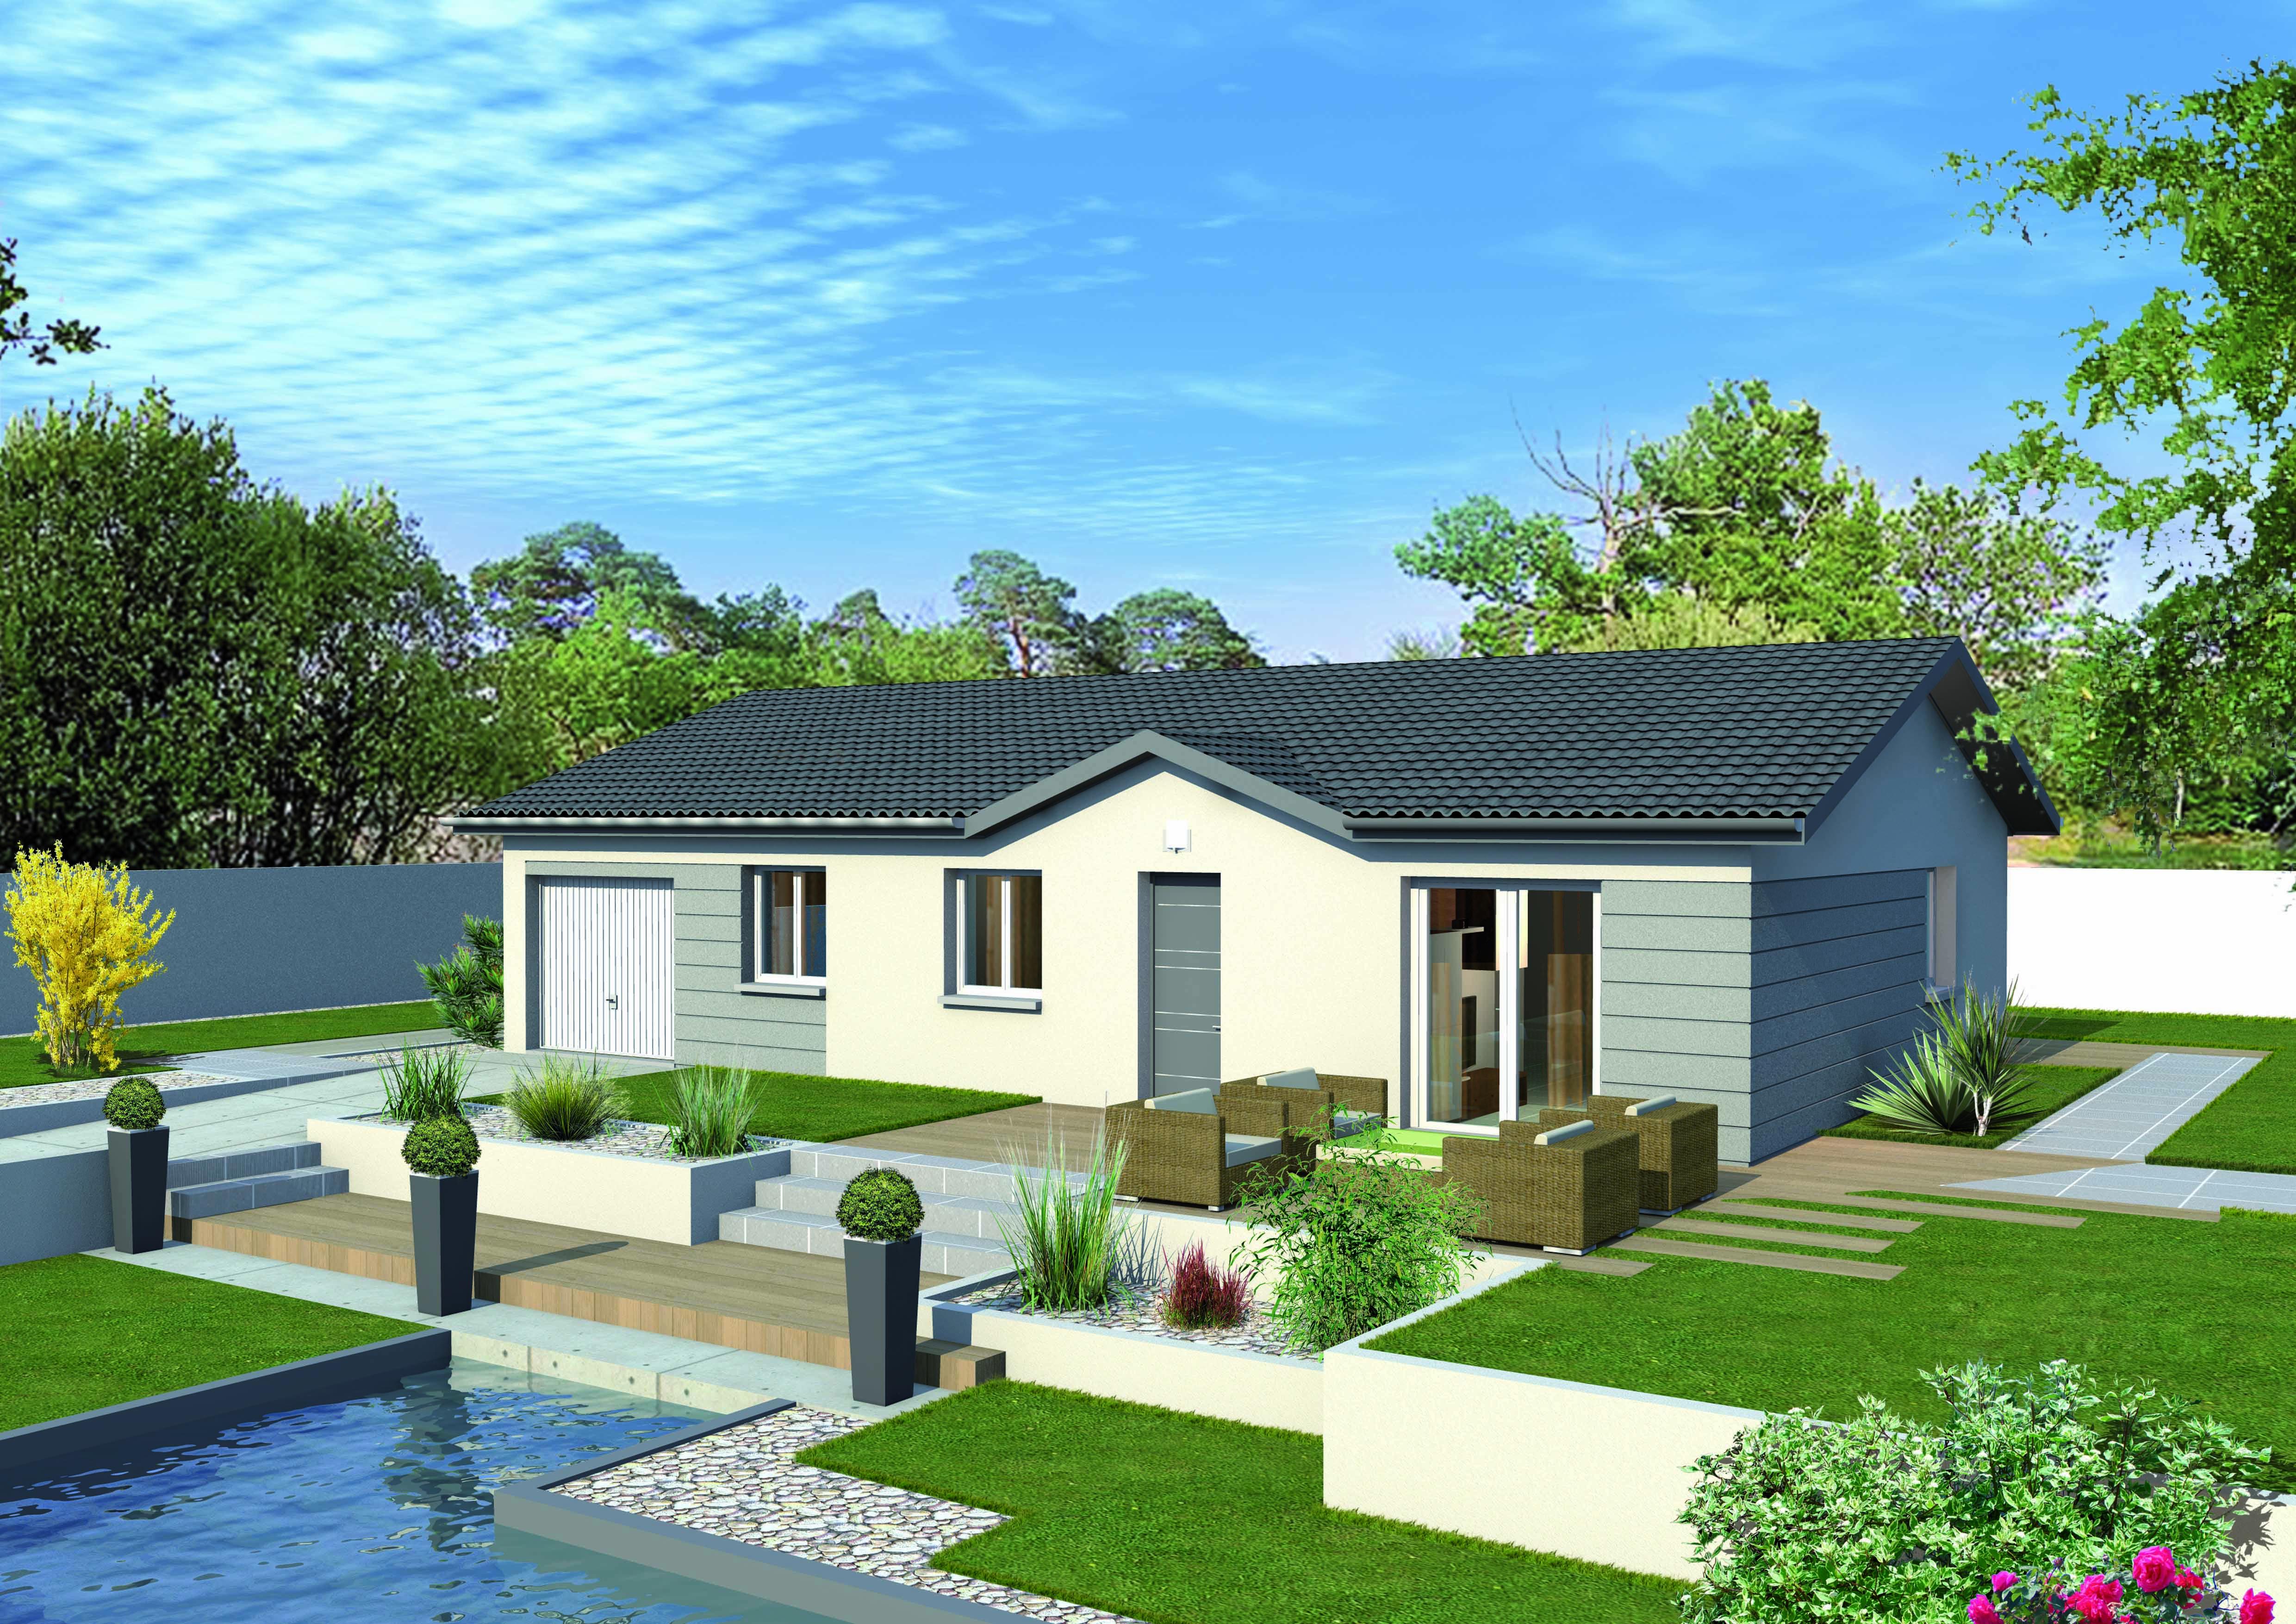 Maisons + Terrains du constructeur MAISONS PUNCH BOURGOIN • 91 m² • SAINT JEAN DE SOUDAIN